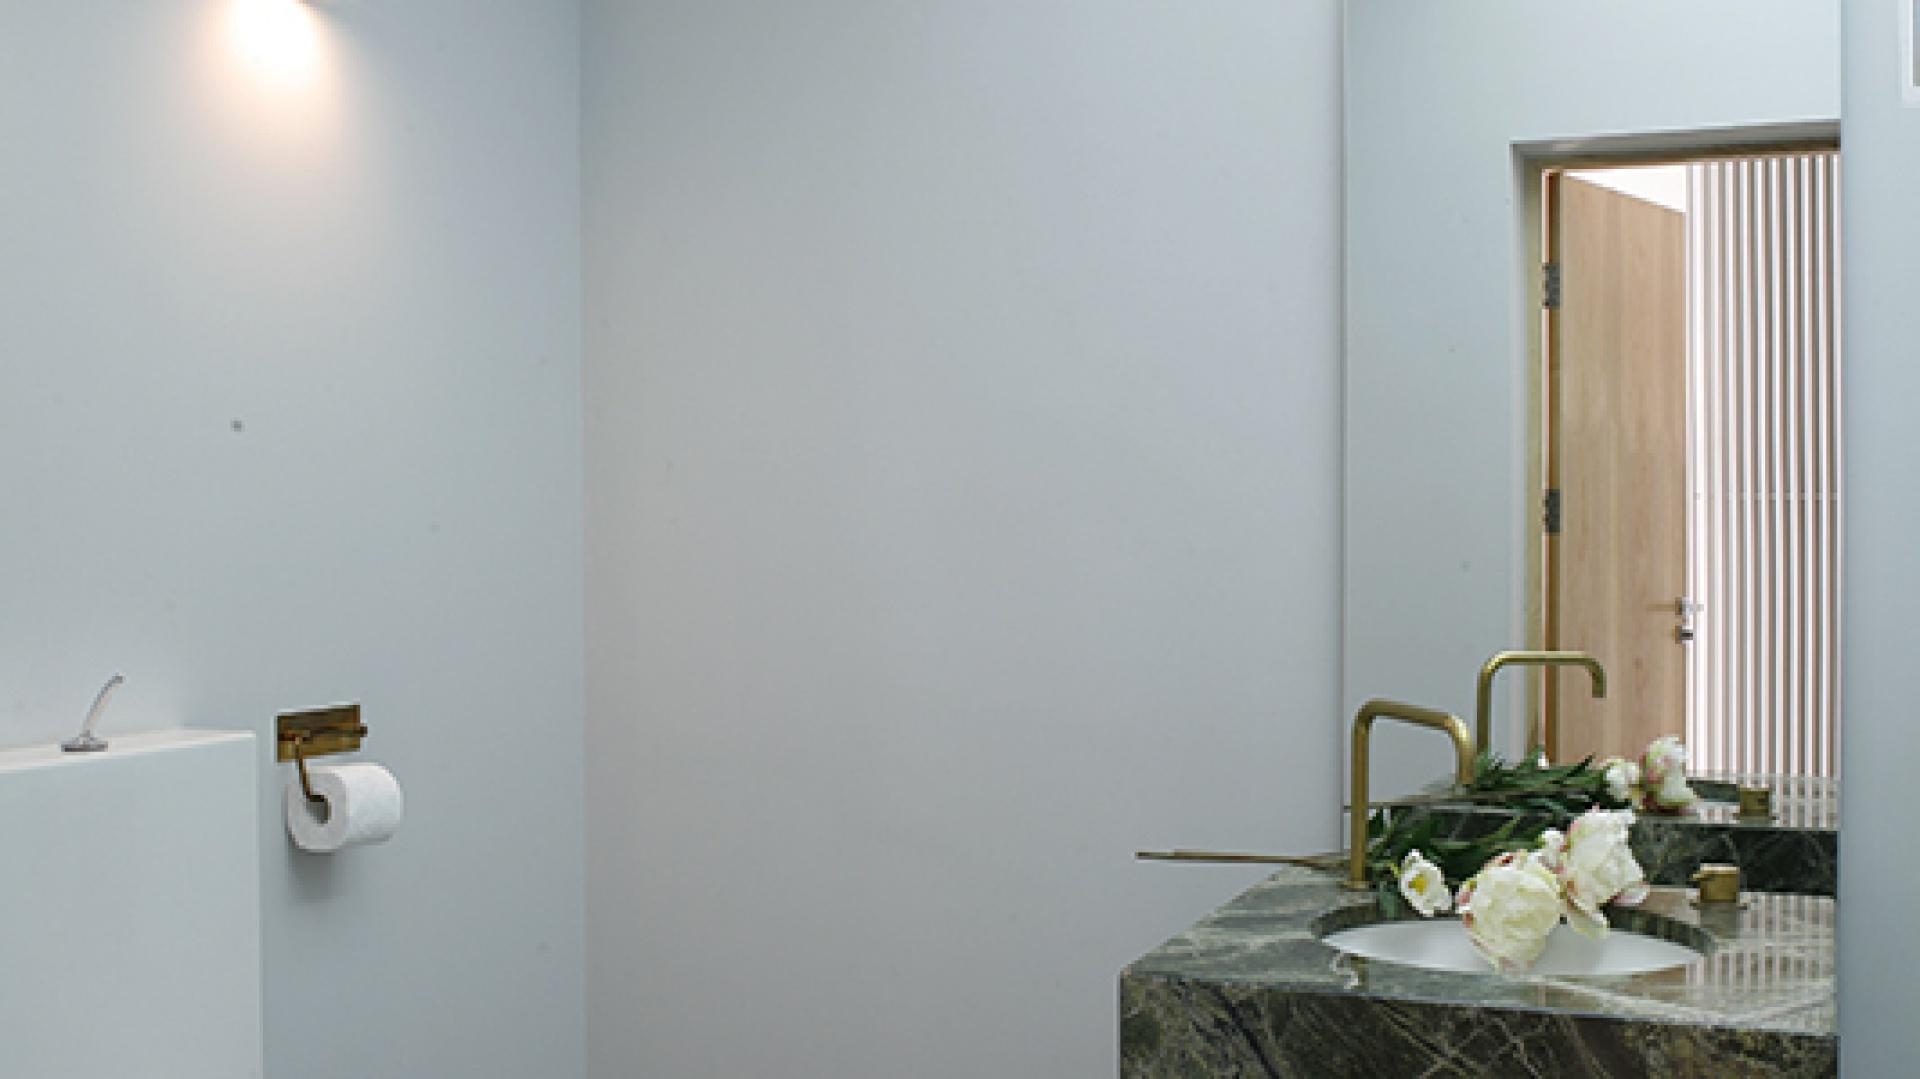 """Podwieszana umywalka (Duravit) na postumencie z marmuru """"Forest Green"""". Prosta, ciosana bryła kamienia o wyrazistym rysunku i głębokim odcieniu zieleni to najmocniejszy akcent w tym wnętrzu. Fot. Bartosz Jarosz."""